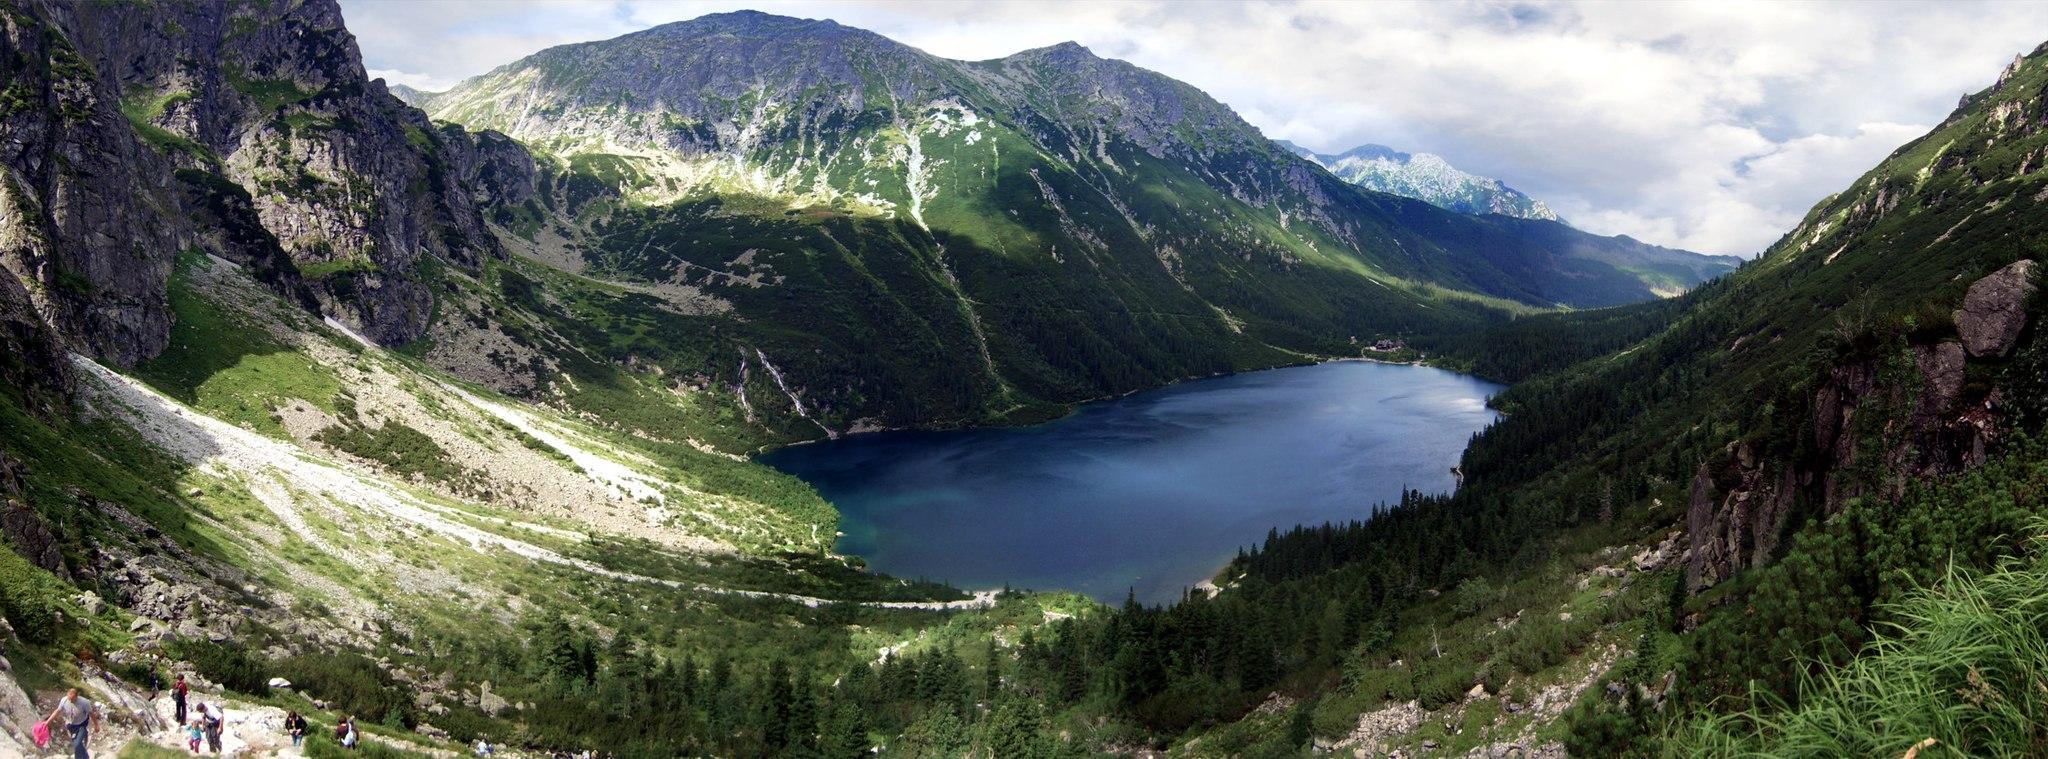 Tamerlan-Kilátás a Morskie Okora a Fekete-tótól